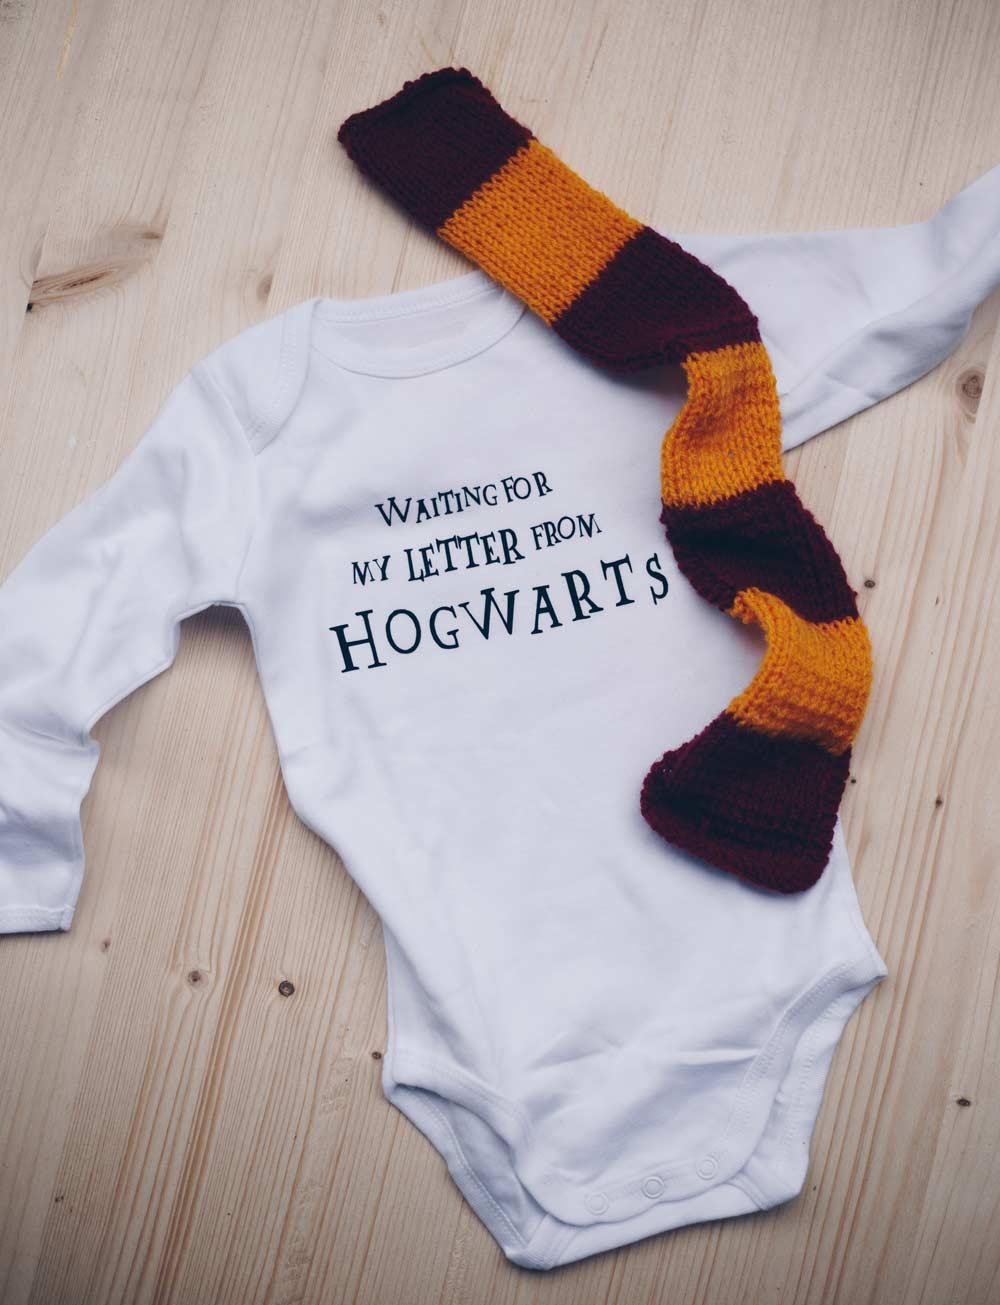 DIY Harry Potter Babybody selbermachen und Gryffindorschal stricken - Geschenkidee für Potterheads